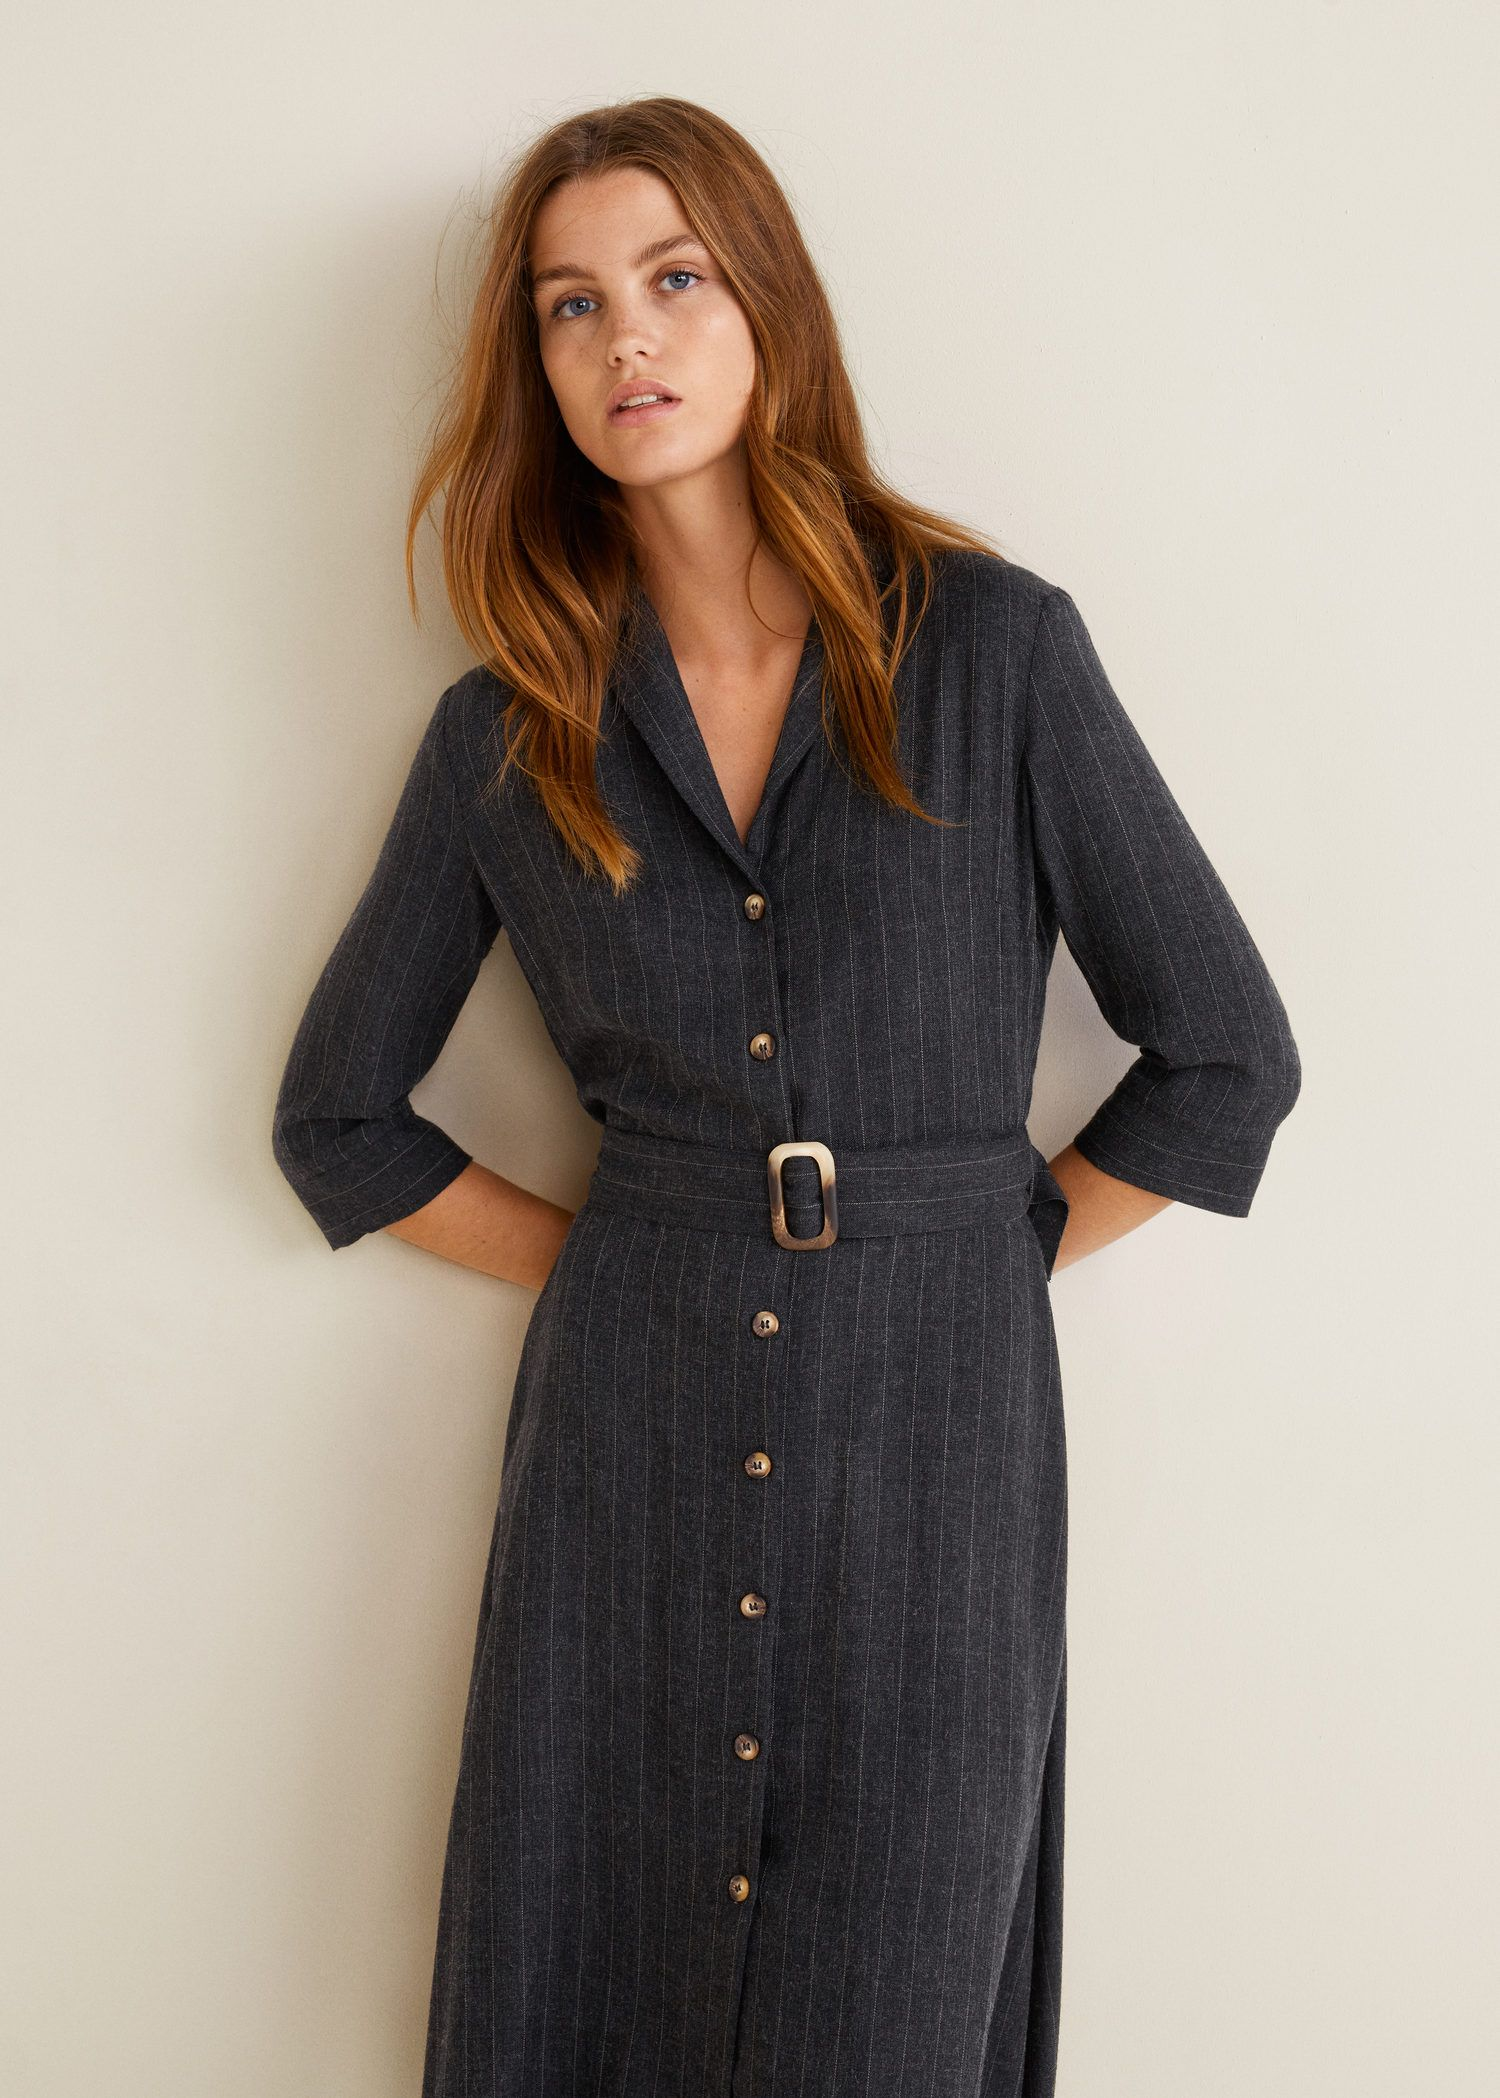 Vestido rayas cinturón - Mujer  Mango España  Gestreiftes kleid